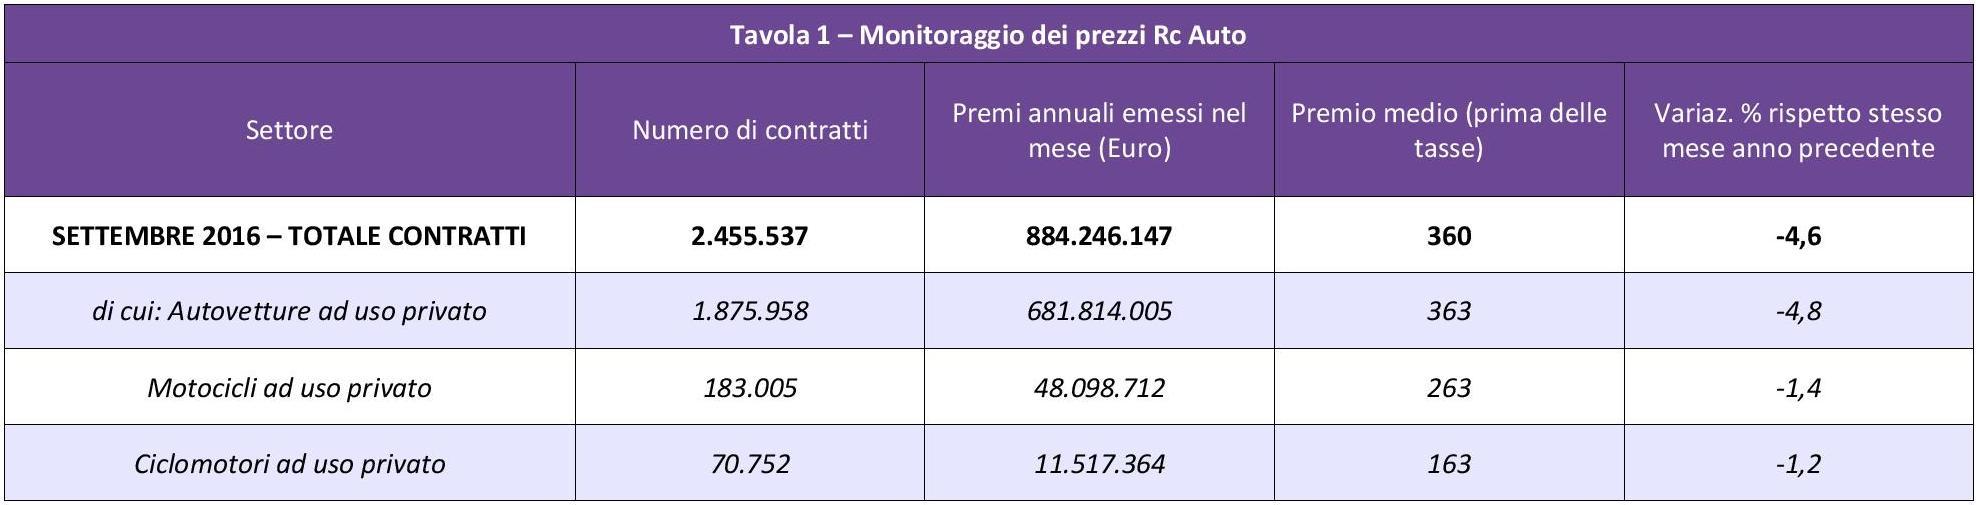 ania-monitoraggio-prezzi-rc-auto-settembre-2016-imc